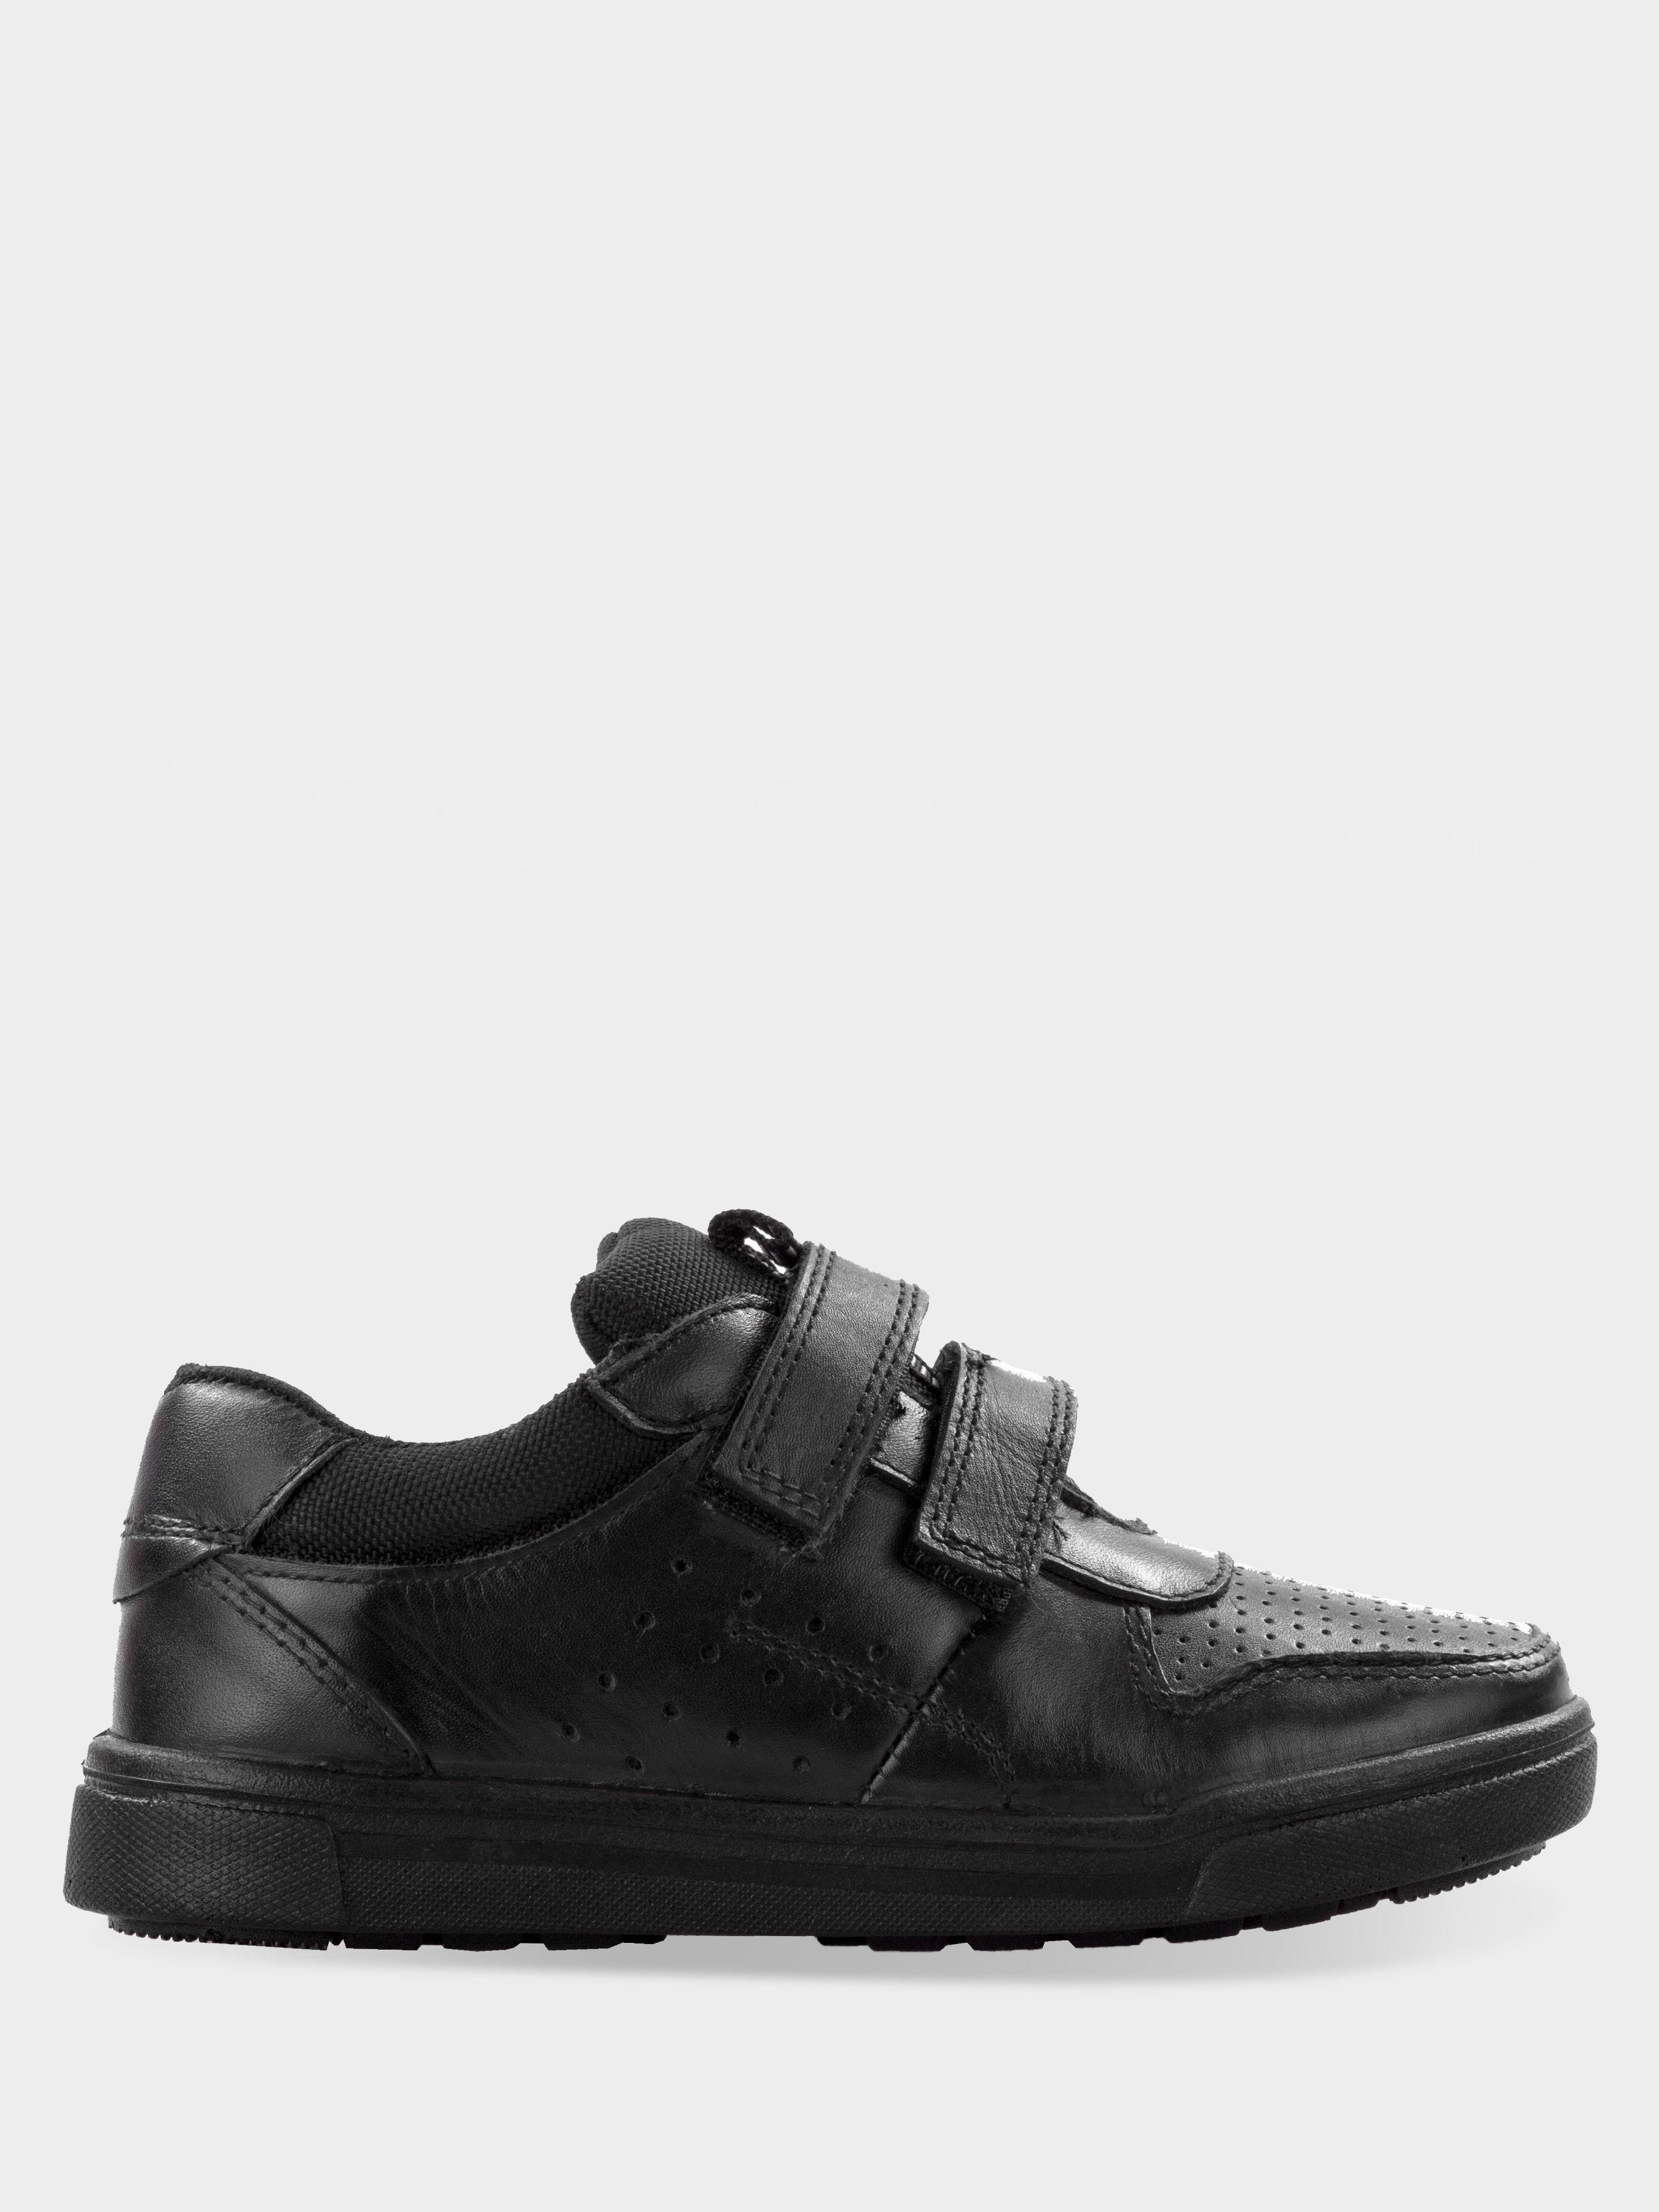 Полуботинки для детей Braska YZ89 размерная сетка обуви, 2017